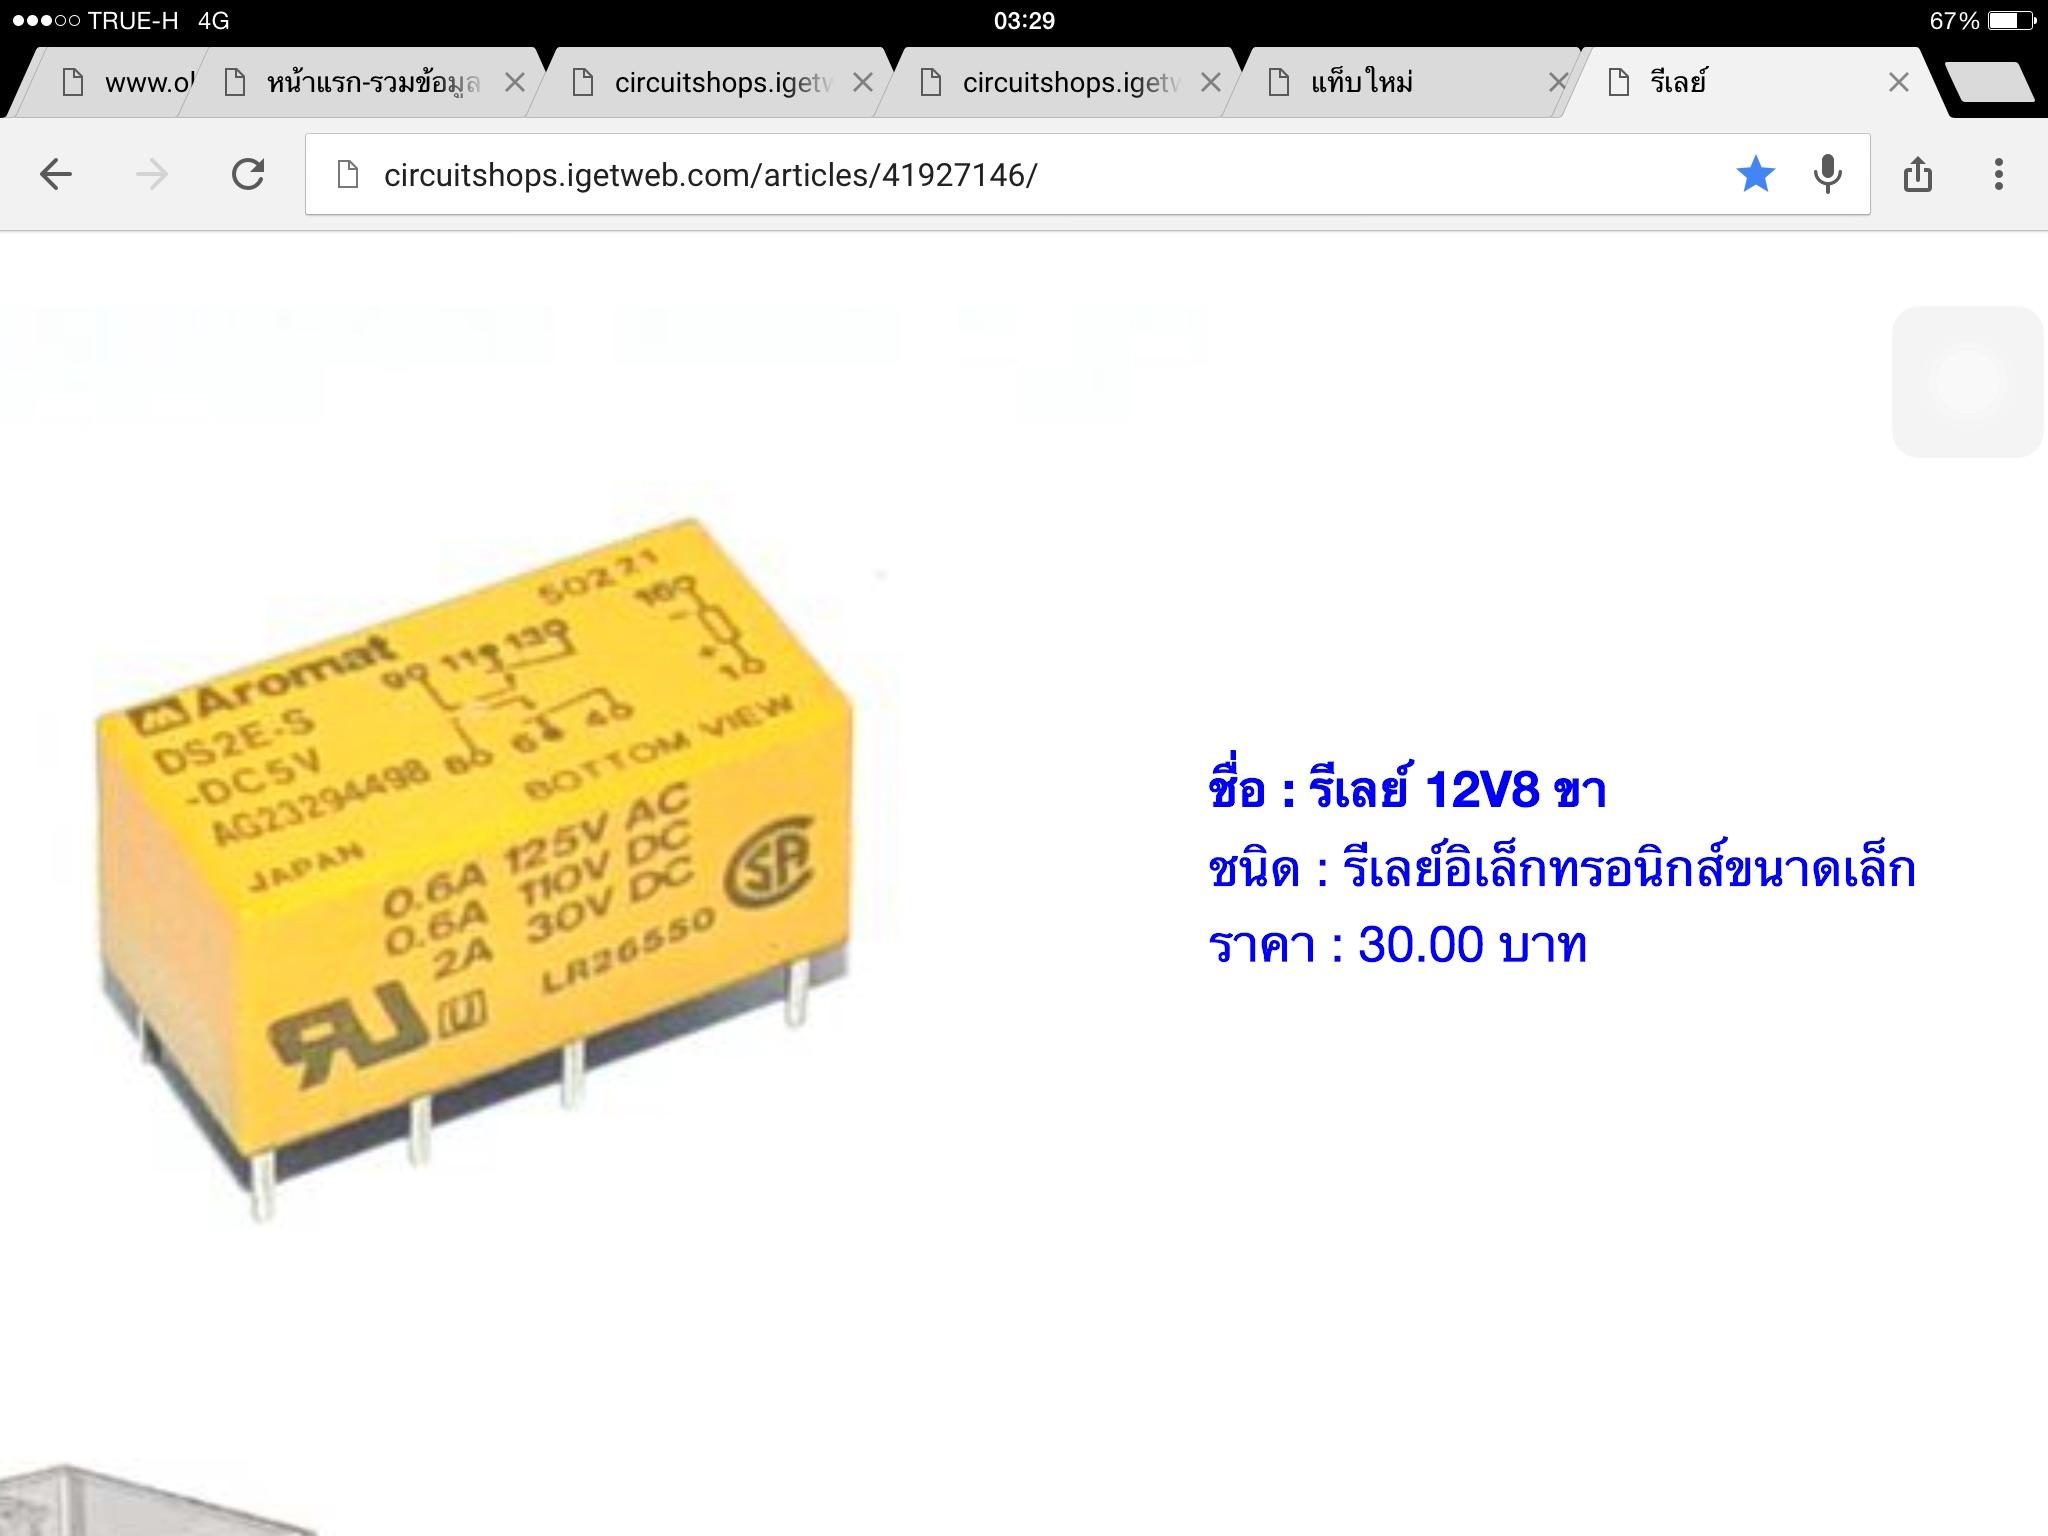 ขอขนาด ชื่อ : รีเลย์ 12V8 ขา ชนิด : รีเลย์อิเล็กทรอนิกส์ขนาดเล็ก ราคา : 30.00 บาท